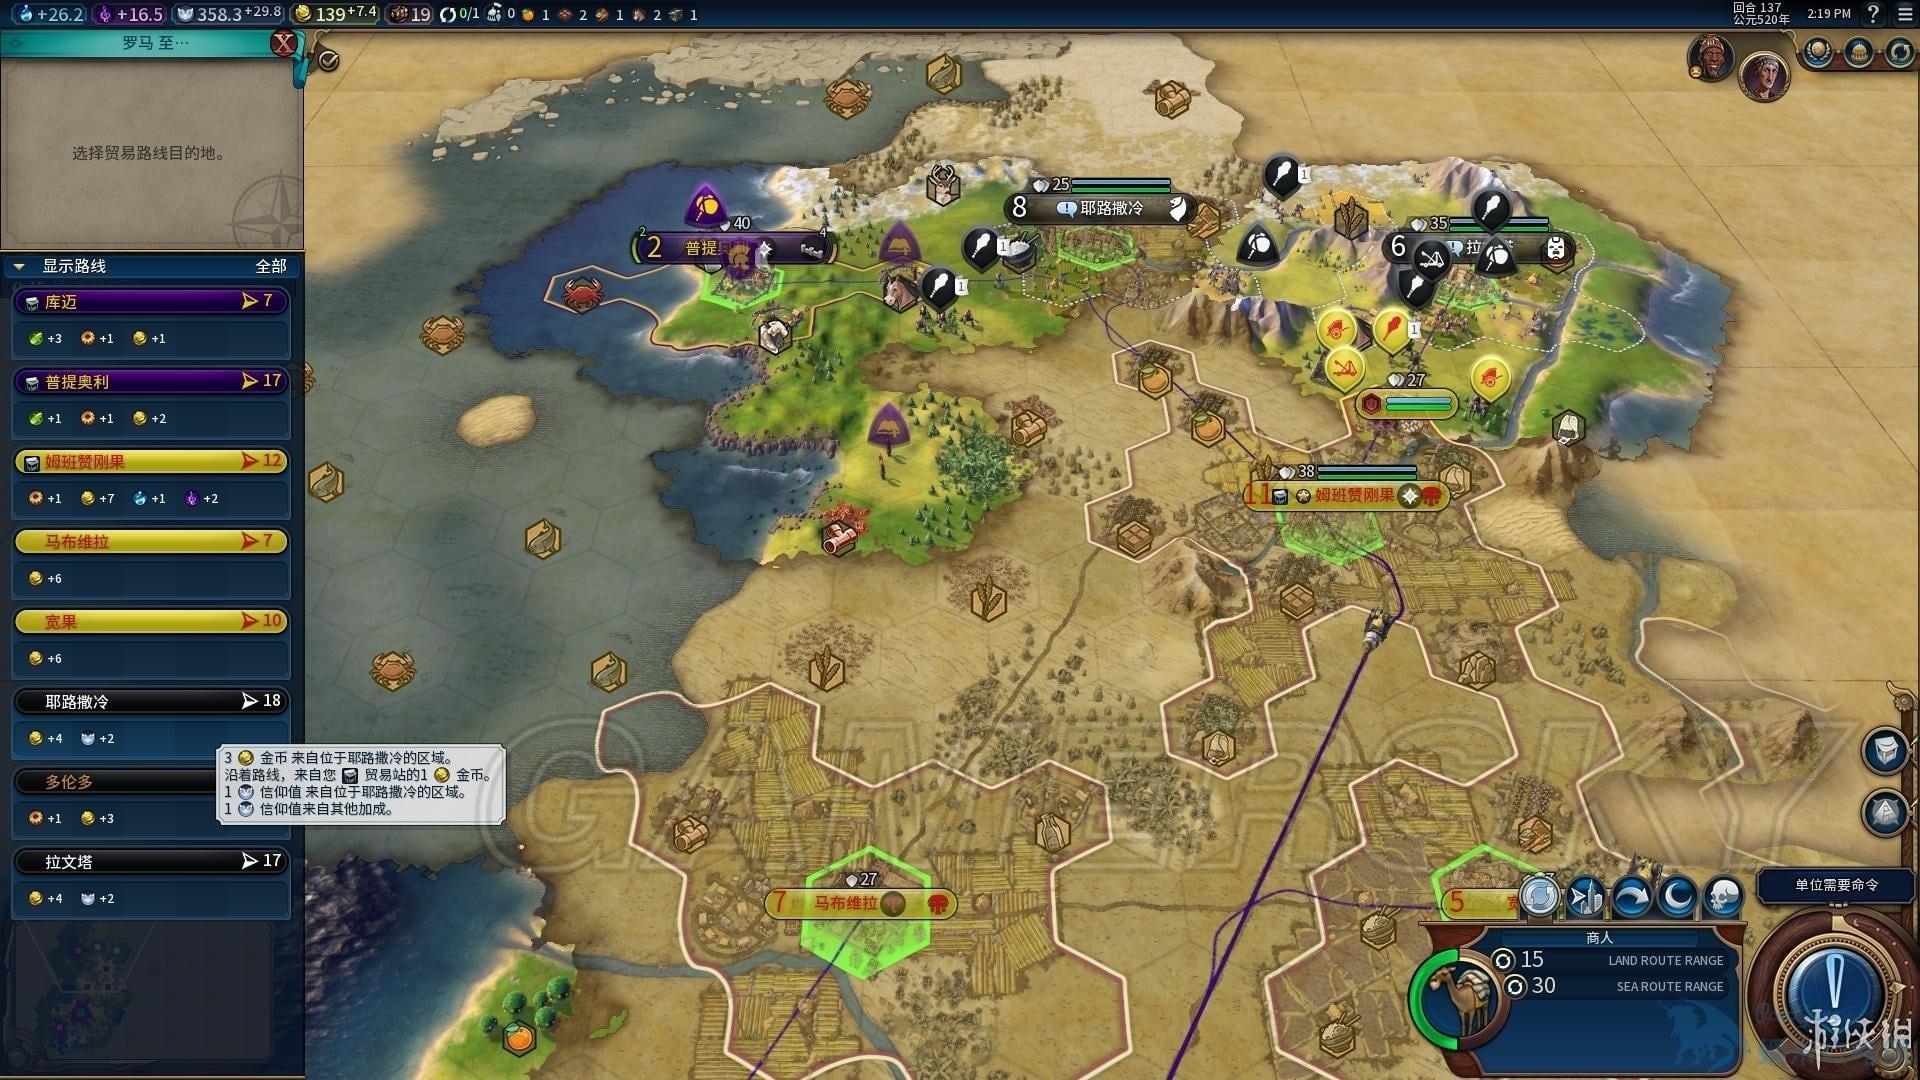 文明帝國 6 畫面音效及設定改動試玩圖文心得 文明帝國 6市政樹體驗心得